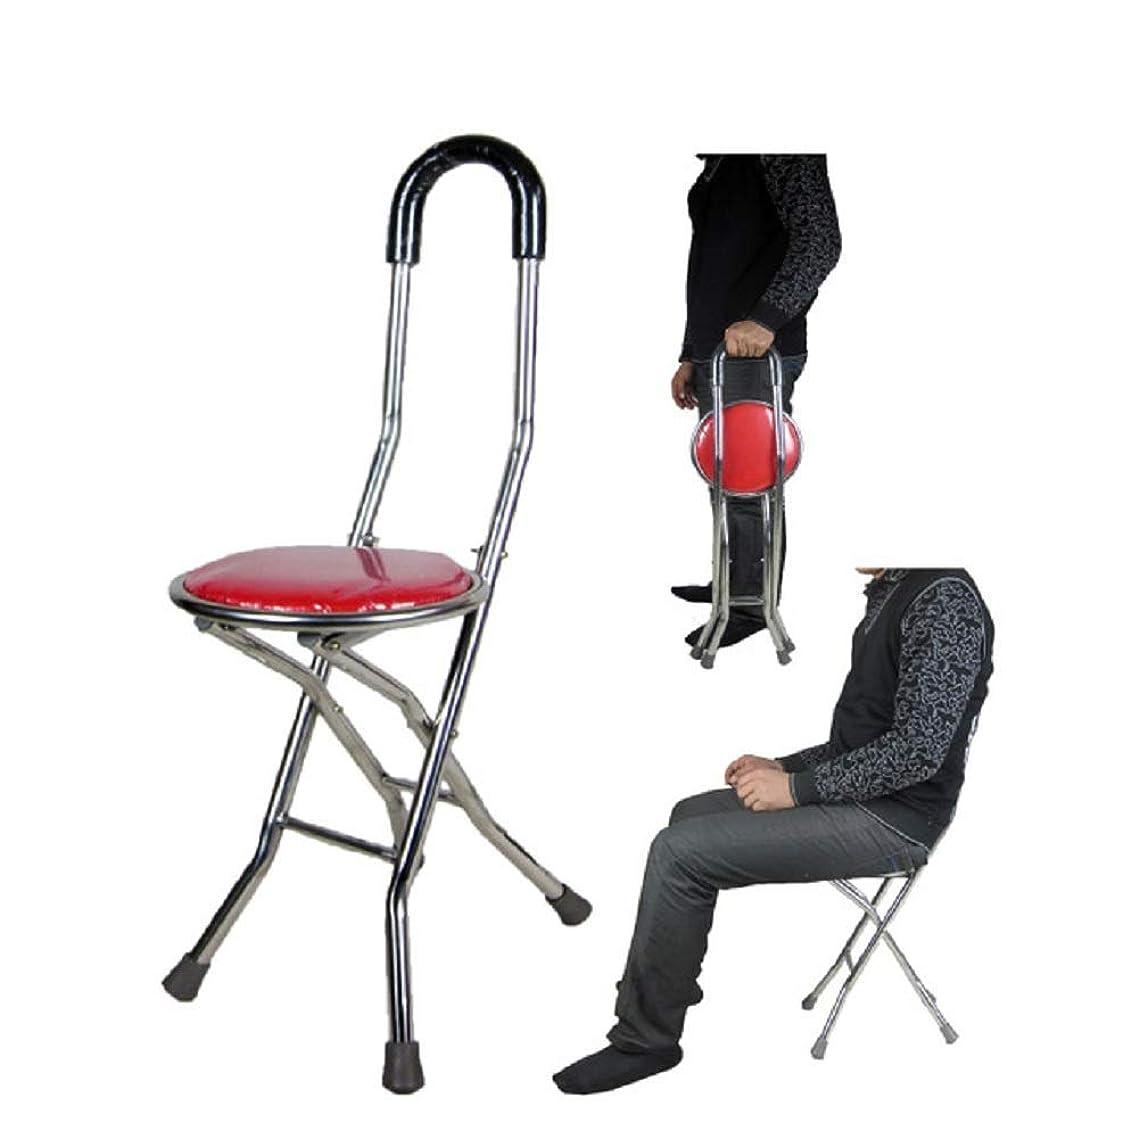 アクセントポットバイオレット松葉杖衛生用品ヘルスケア、折りたたみ式の杖、松葉杖の杖の椅子の座席、障害の医療補助の座席、三脚アルミニウムシート、柔軟な歩行補助